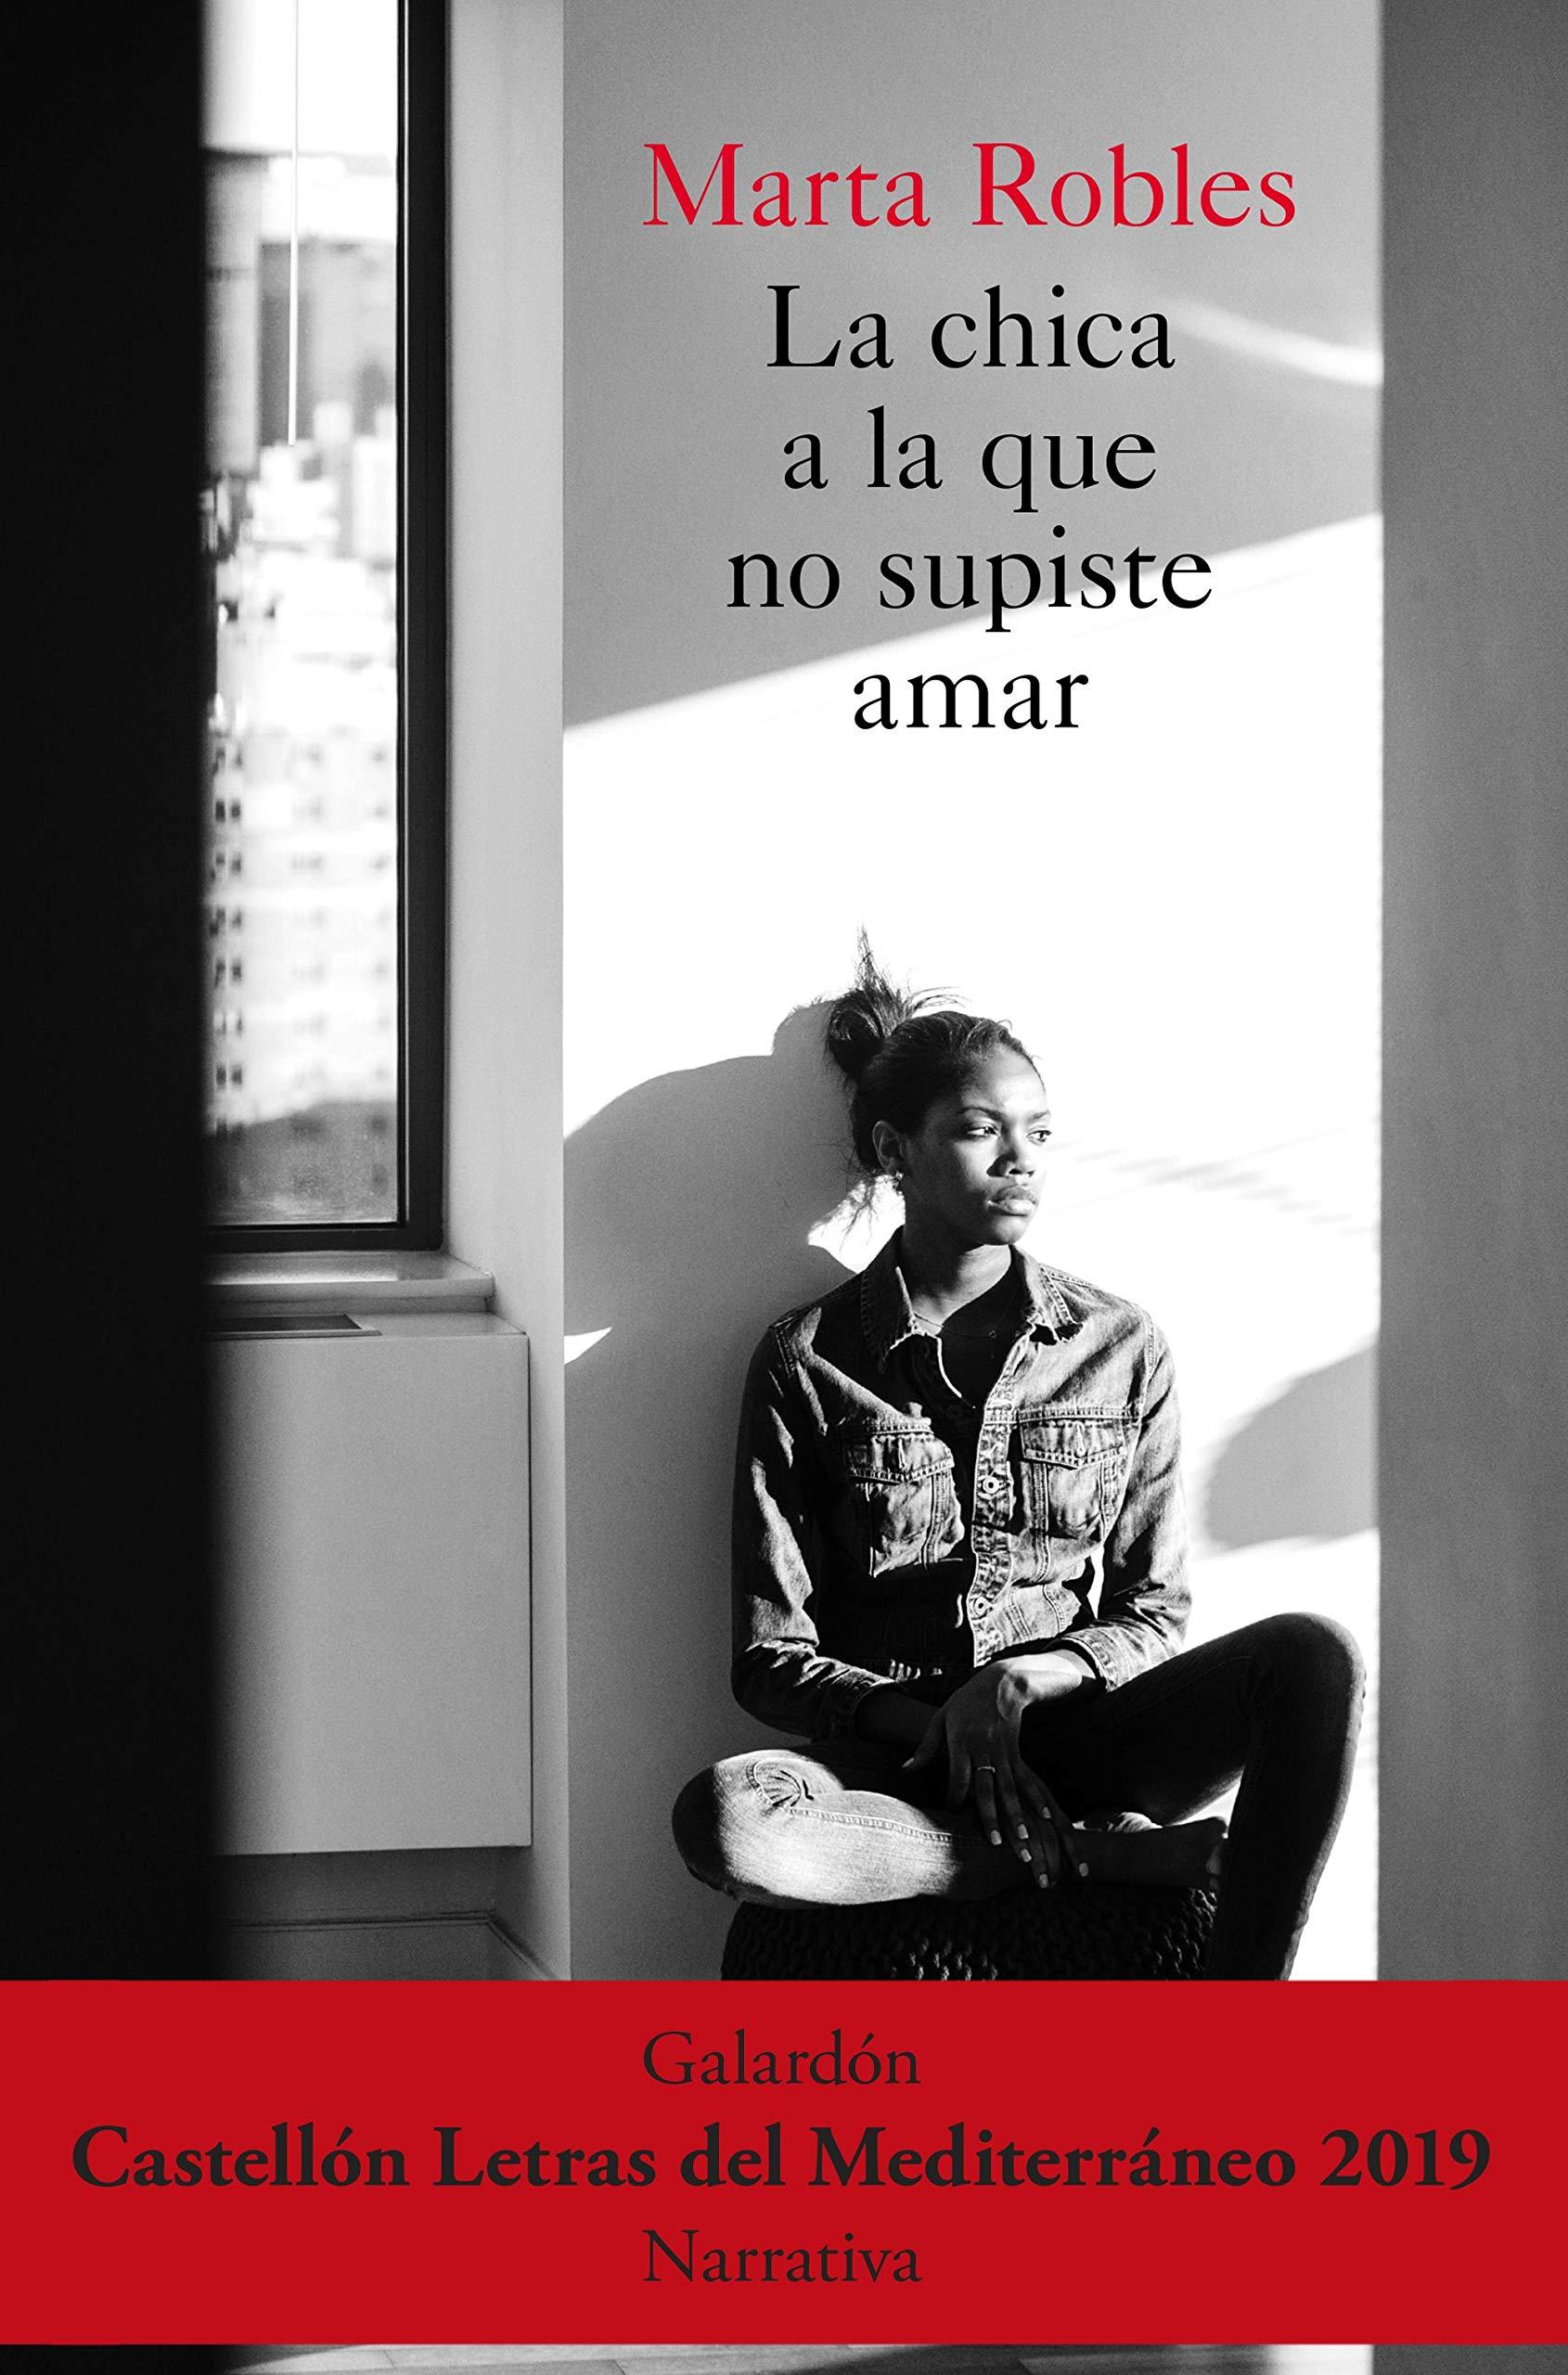 La chica a la que no supiste amar, de Marta Robles